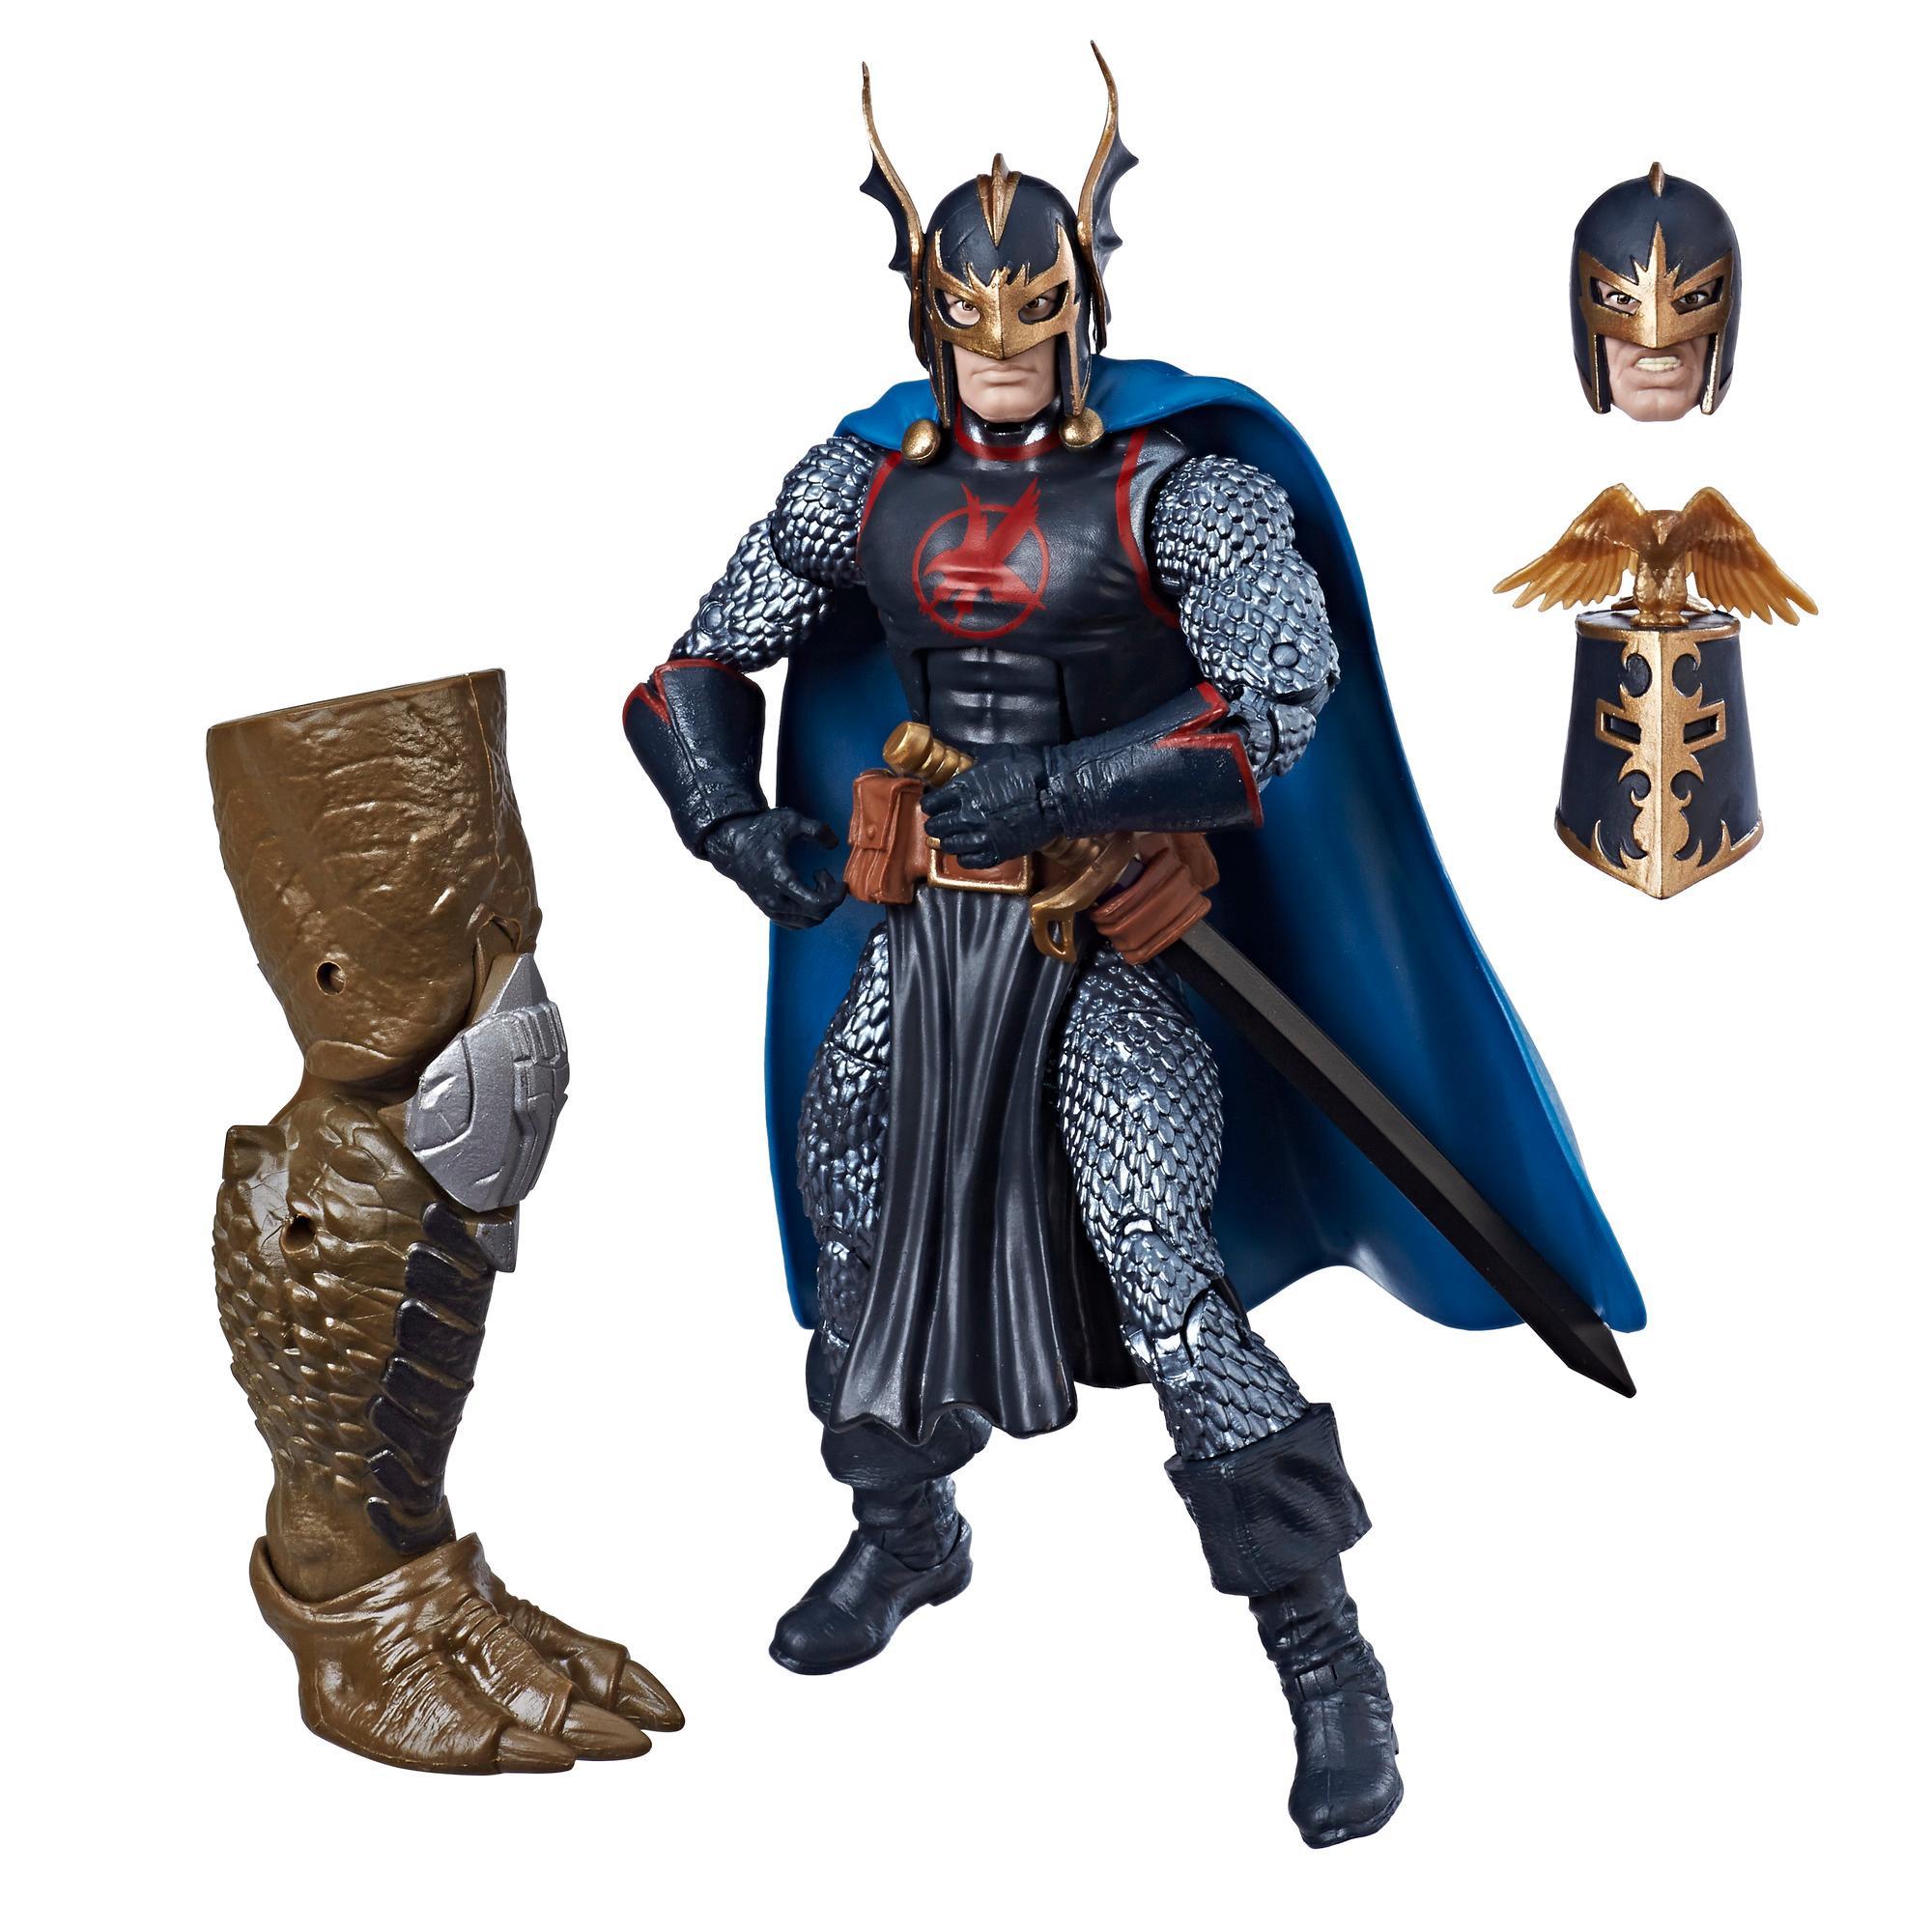 Avengers Marvel Legends Series - Marvel's Black Knight de 15 cm